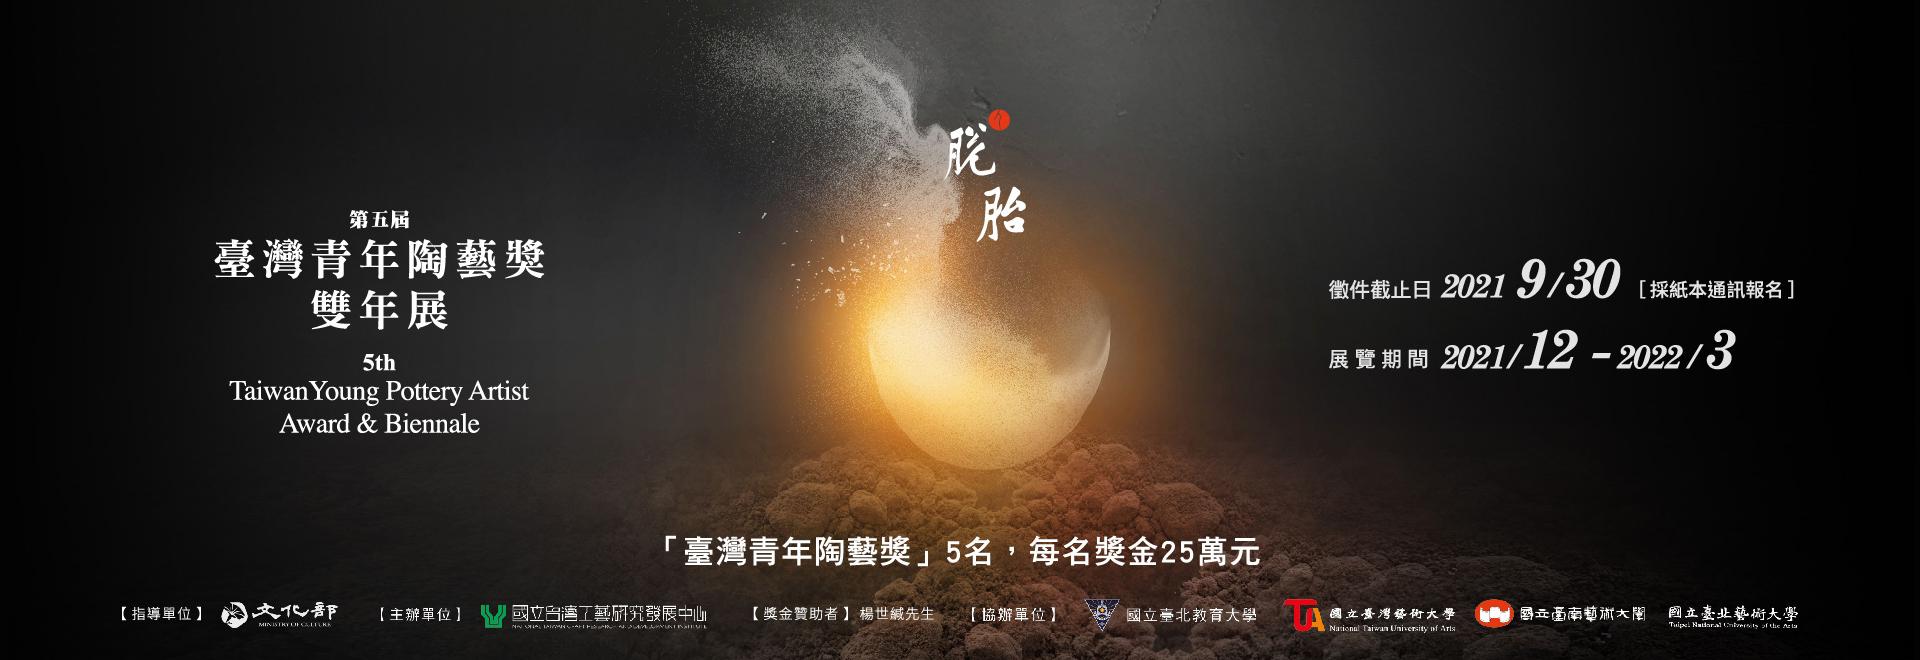 「第五屆臺灣青年陶藝獎暨雙年展」徵件-pc